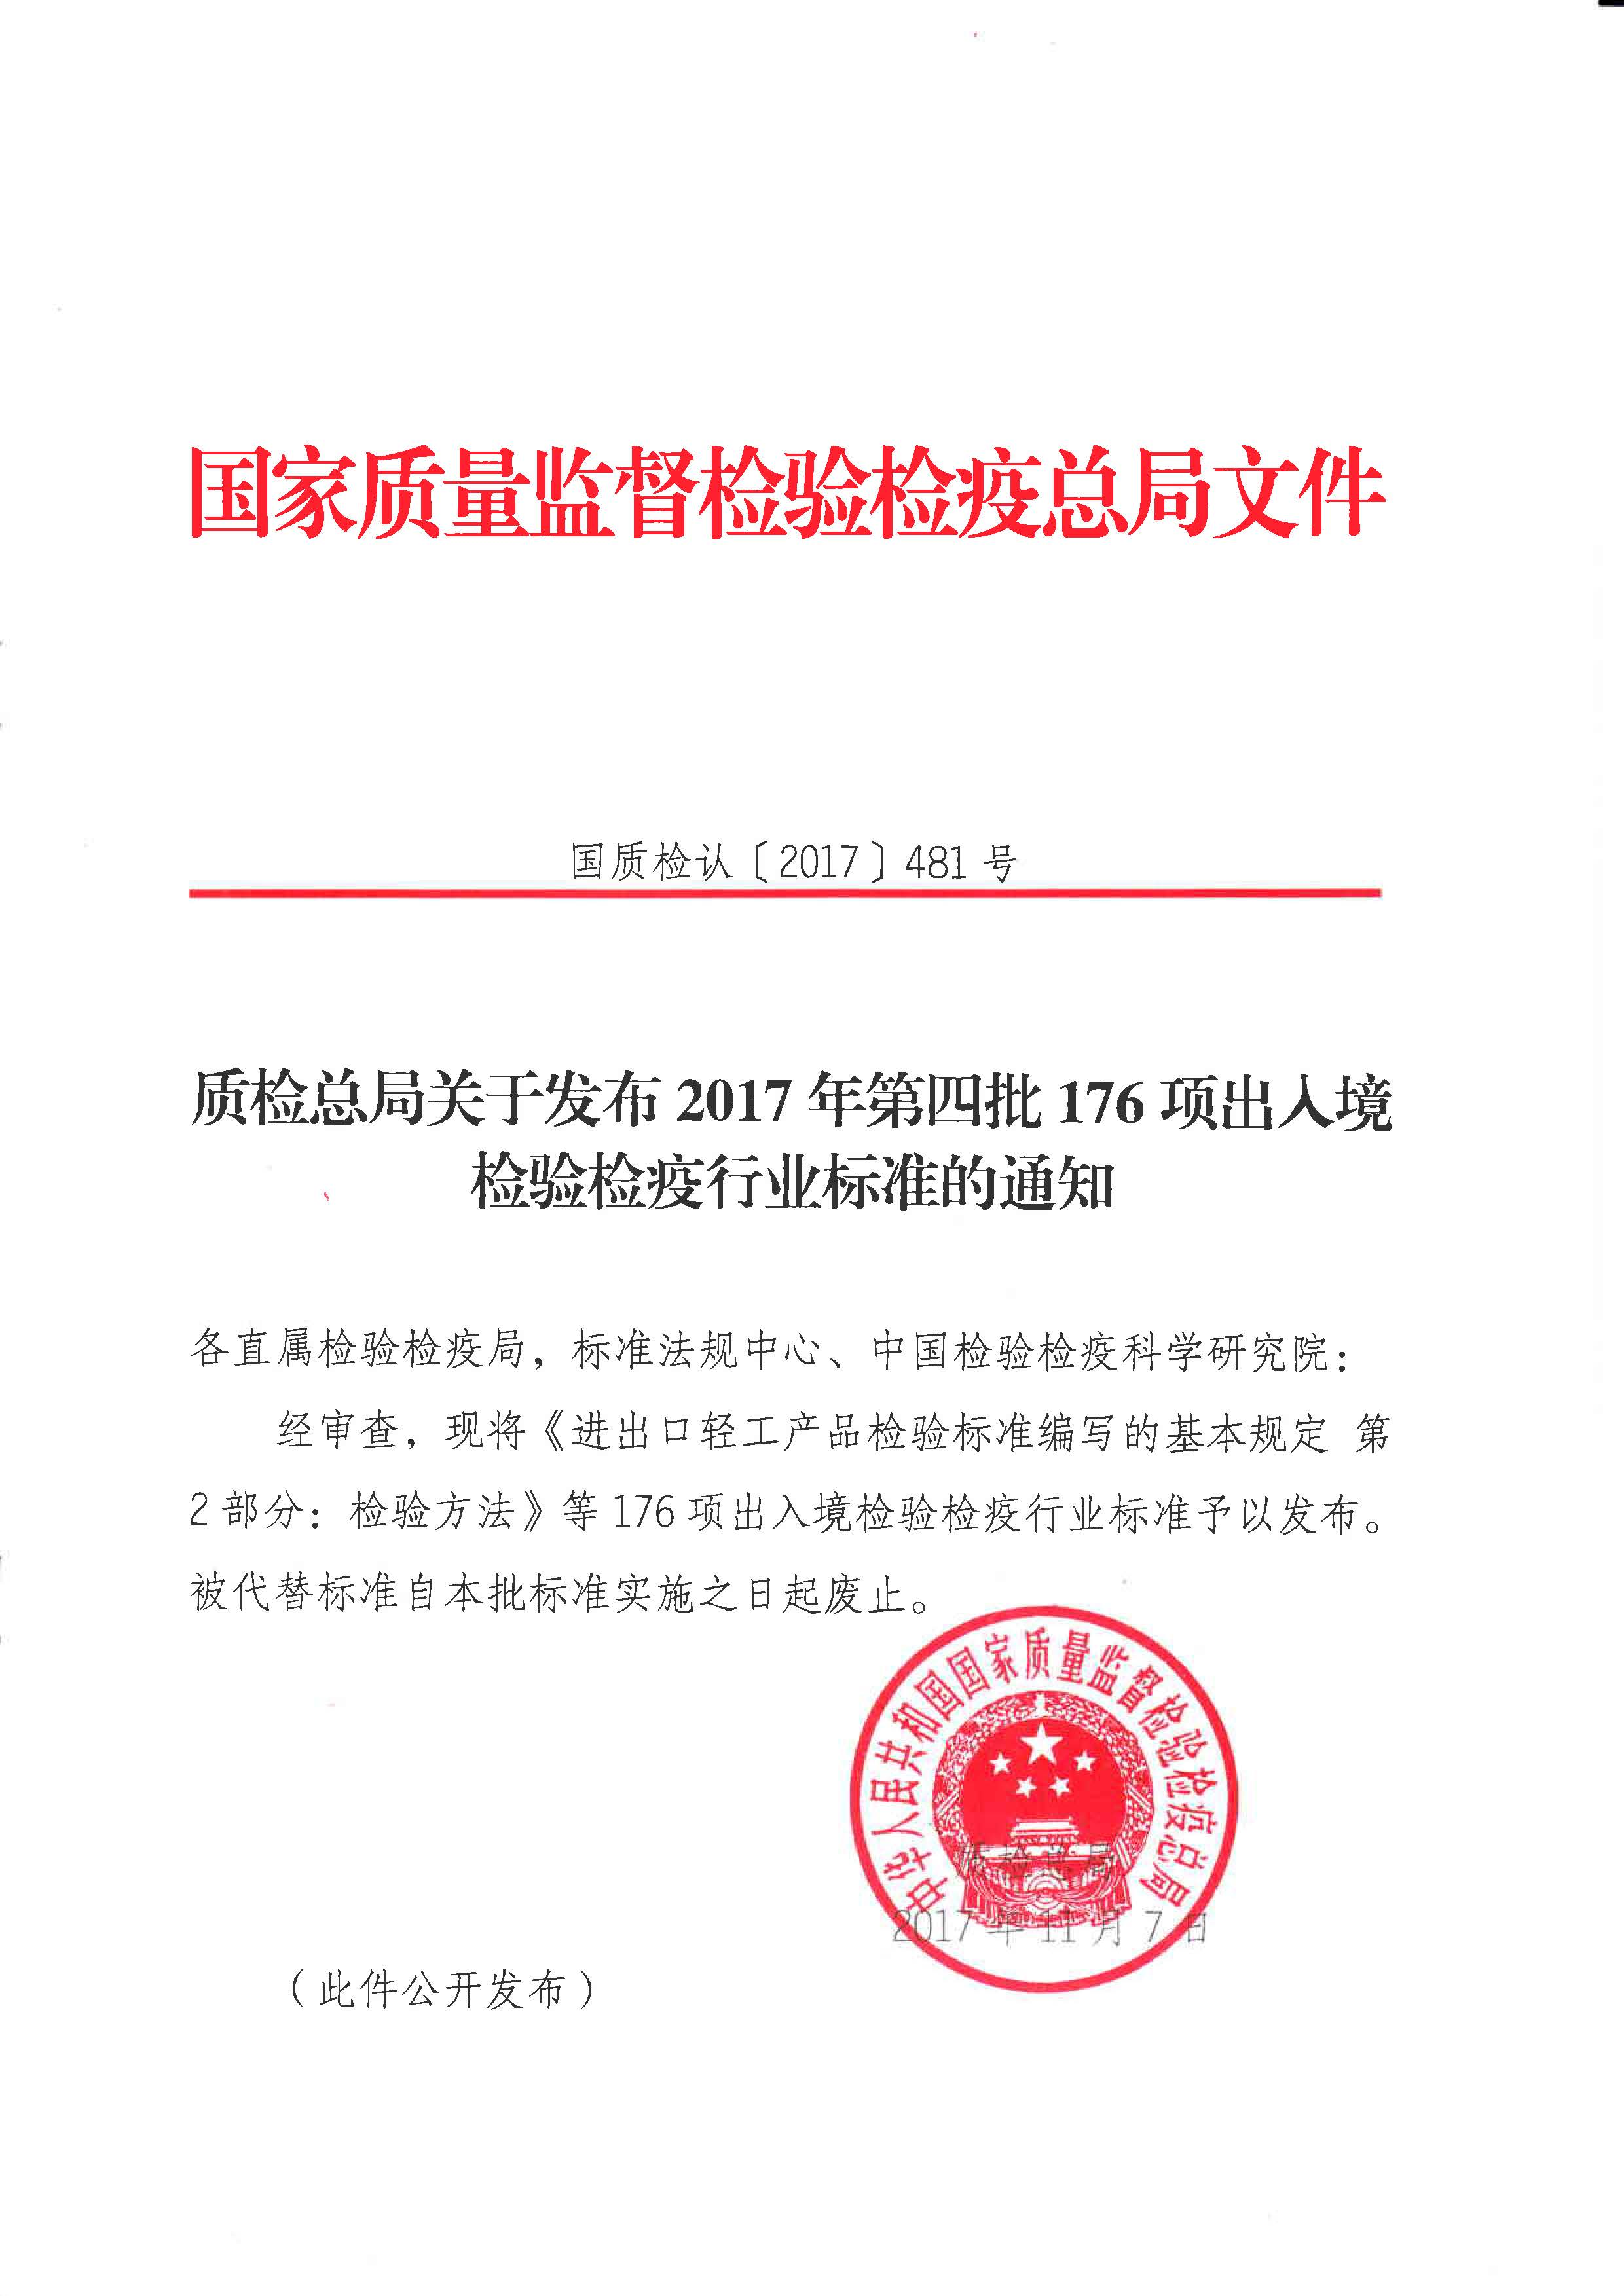 质检总局关于发布2017年第四批176项出入境检验检疫行业标准的通知